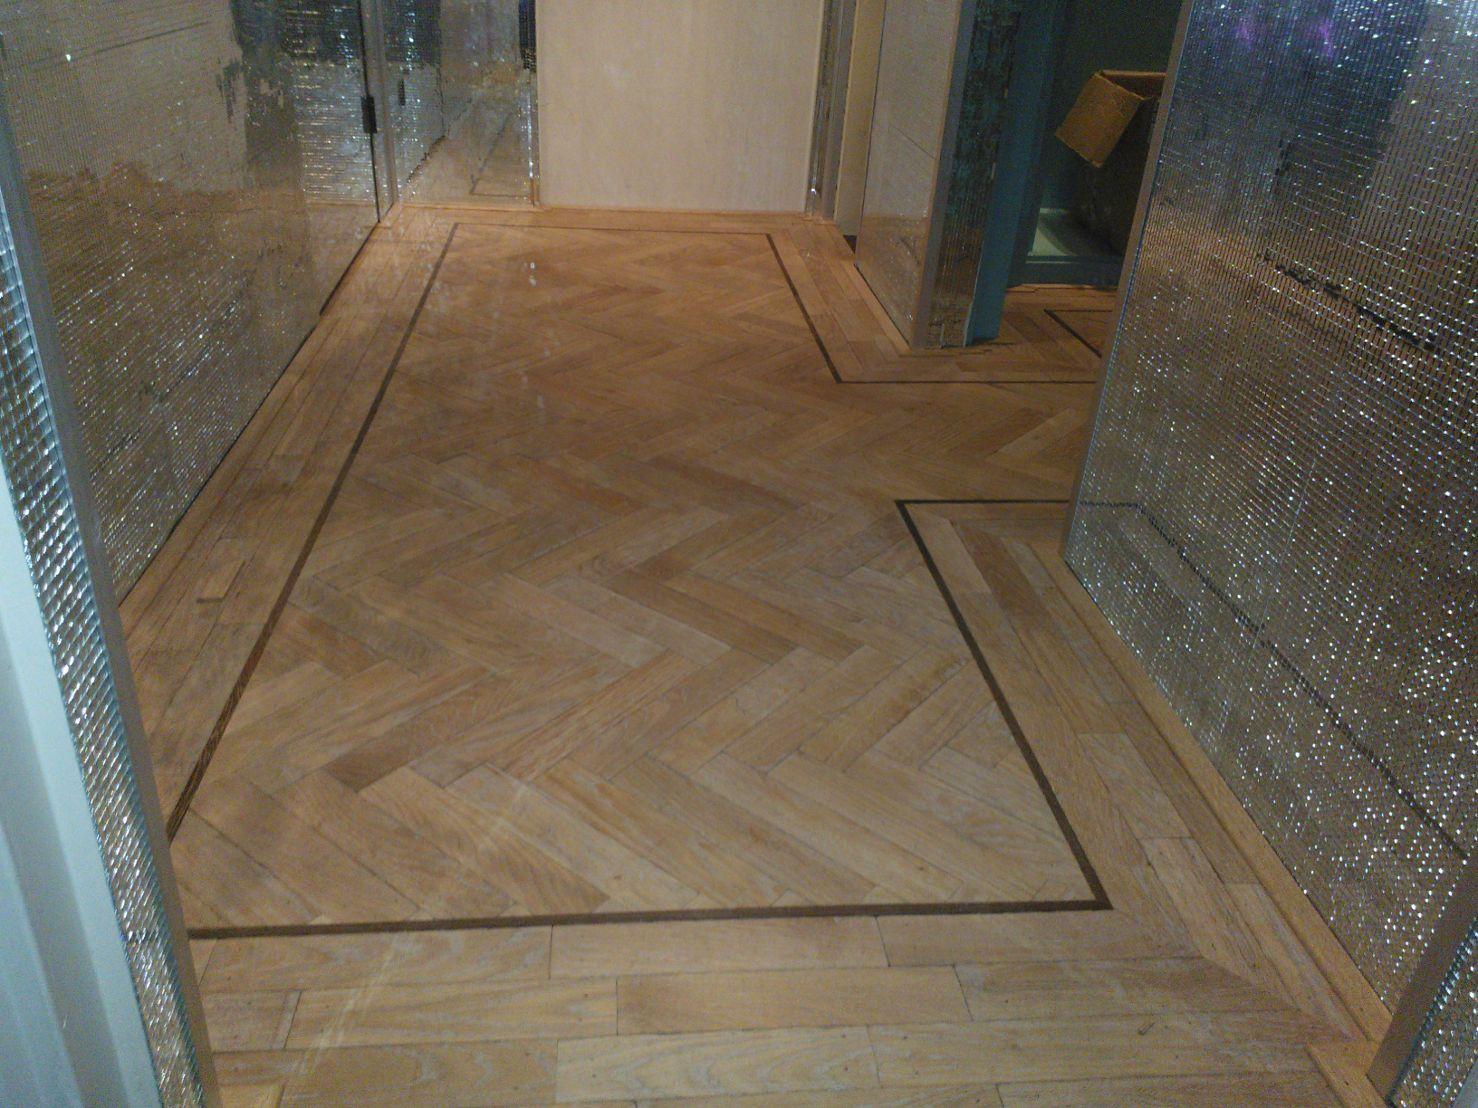 Visgraat Parket Leggen : Visgraat parket vloer door natuurlijk hout gelegd in een hal